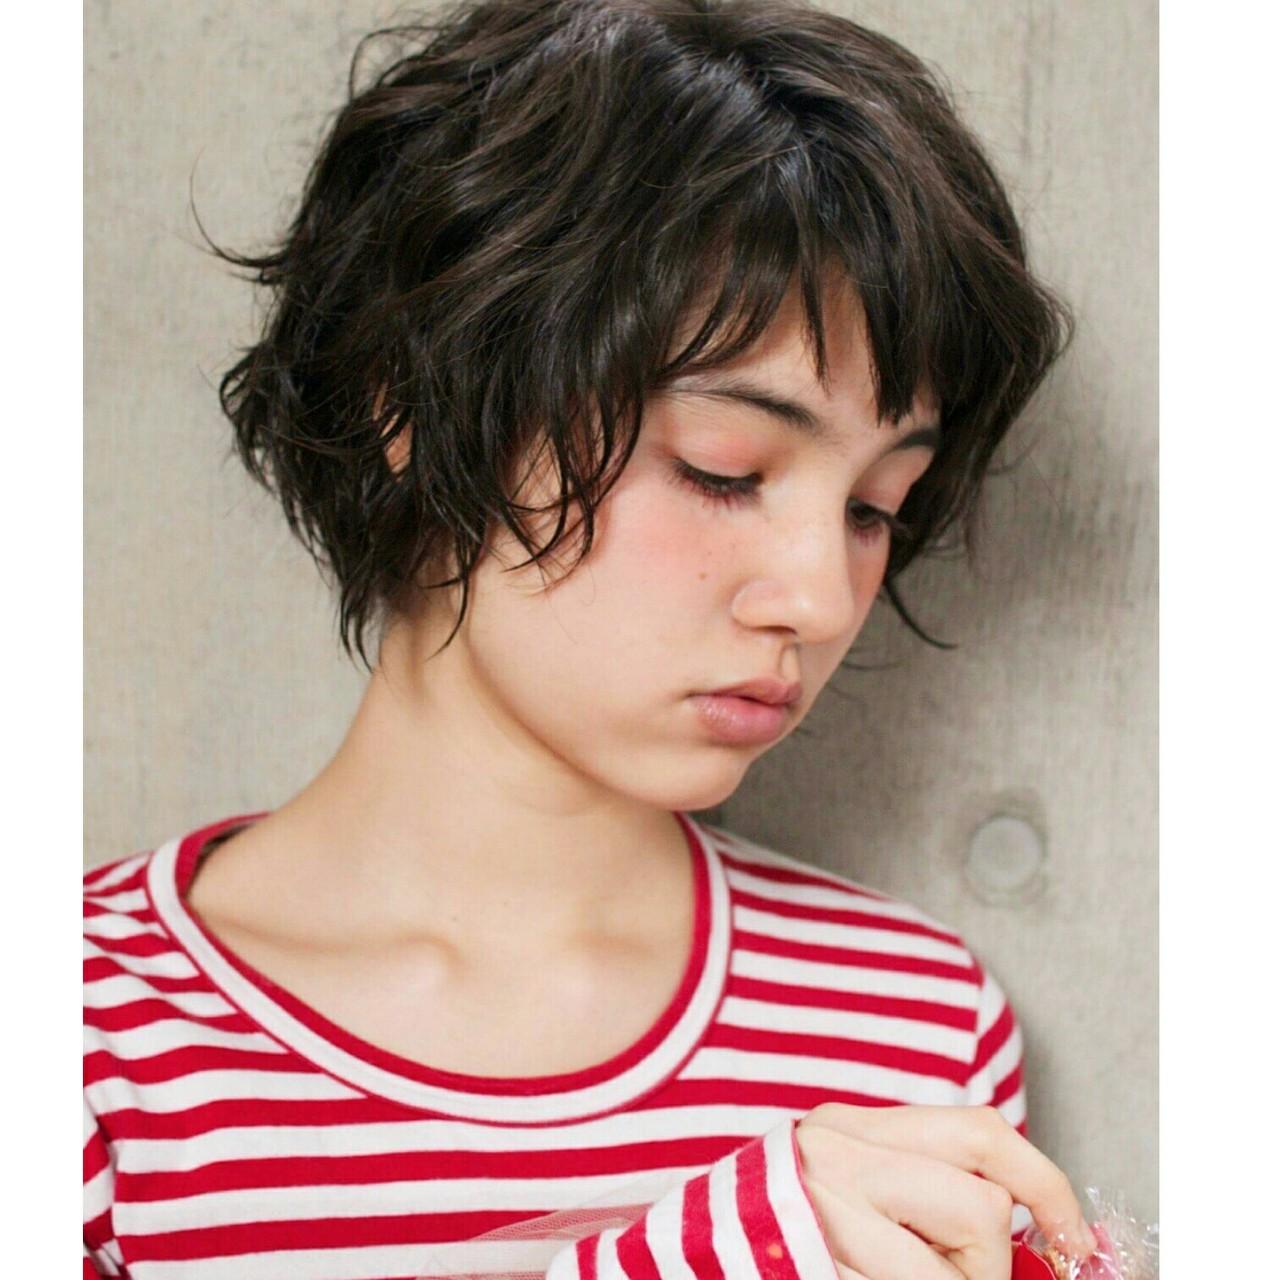 知らなかった?実はオンナ度が高い、魅惑の黒髪ベリーショート♡ 安田 幸恵